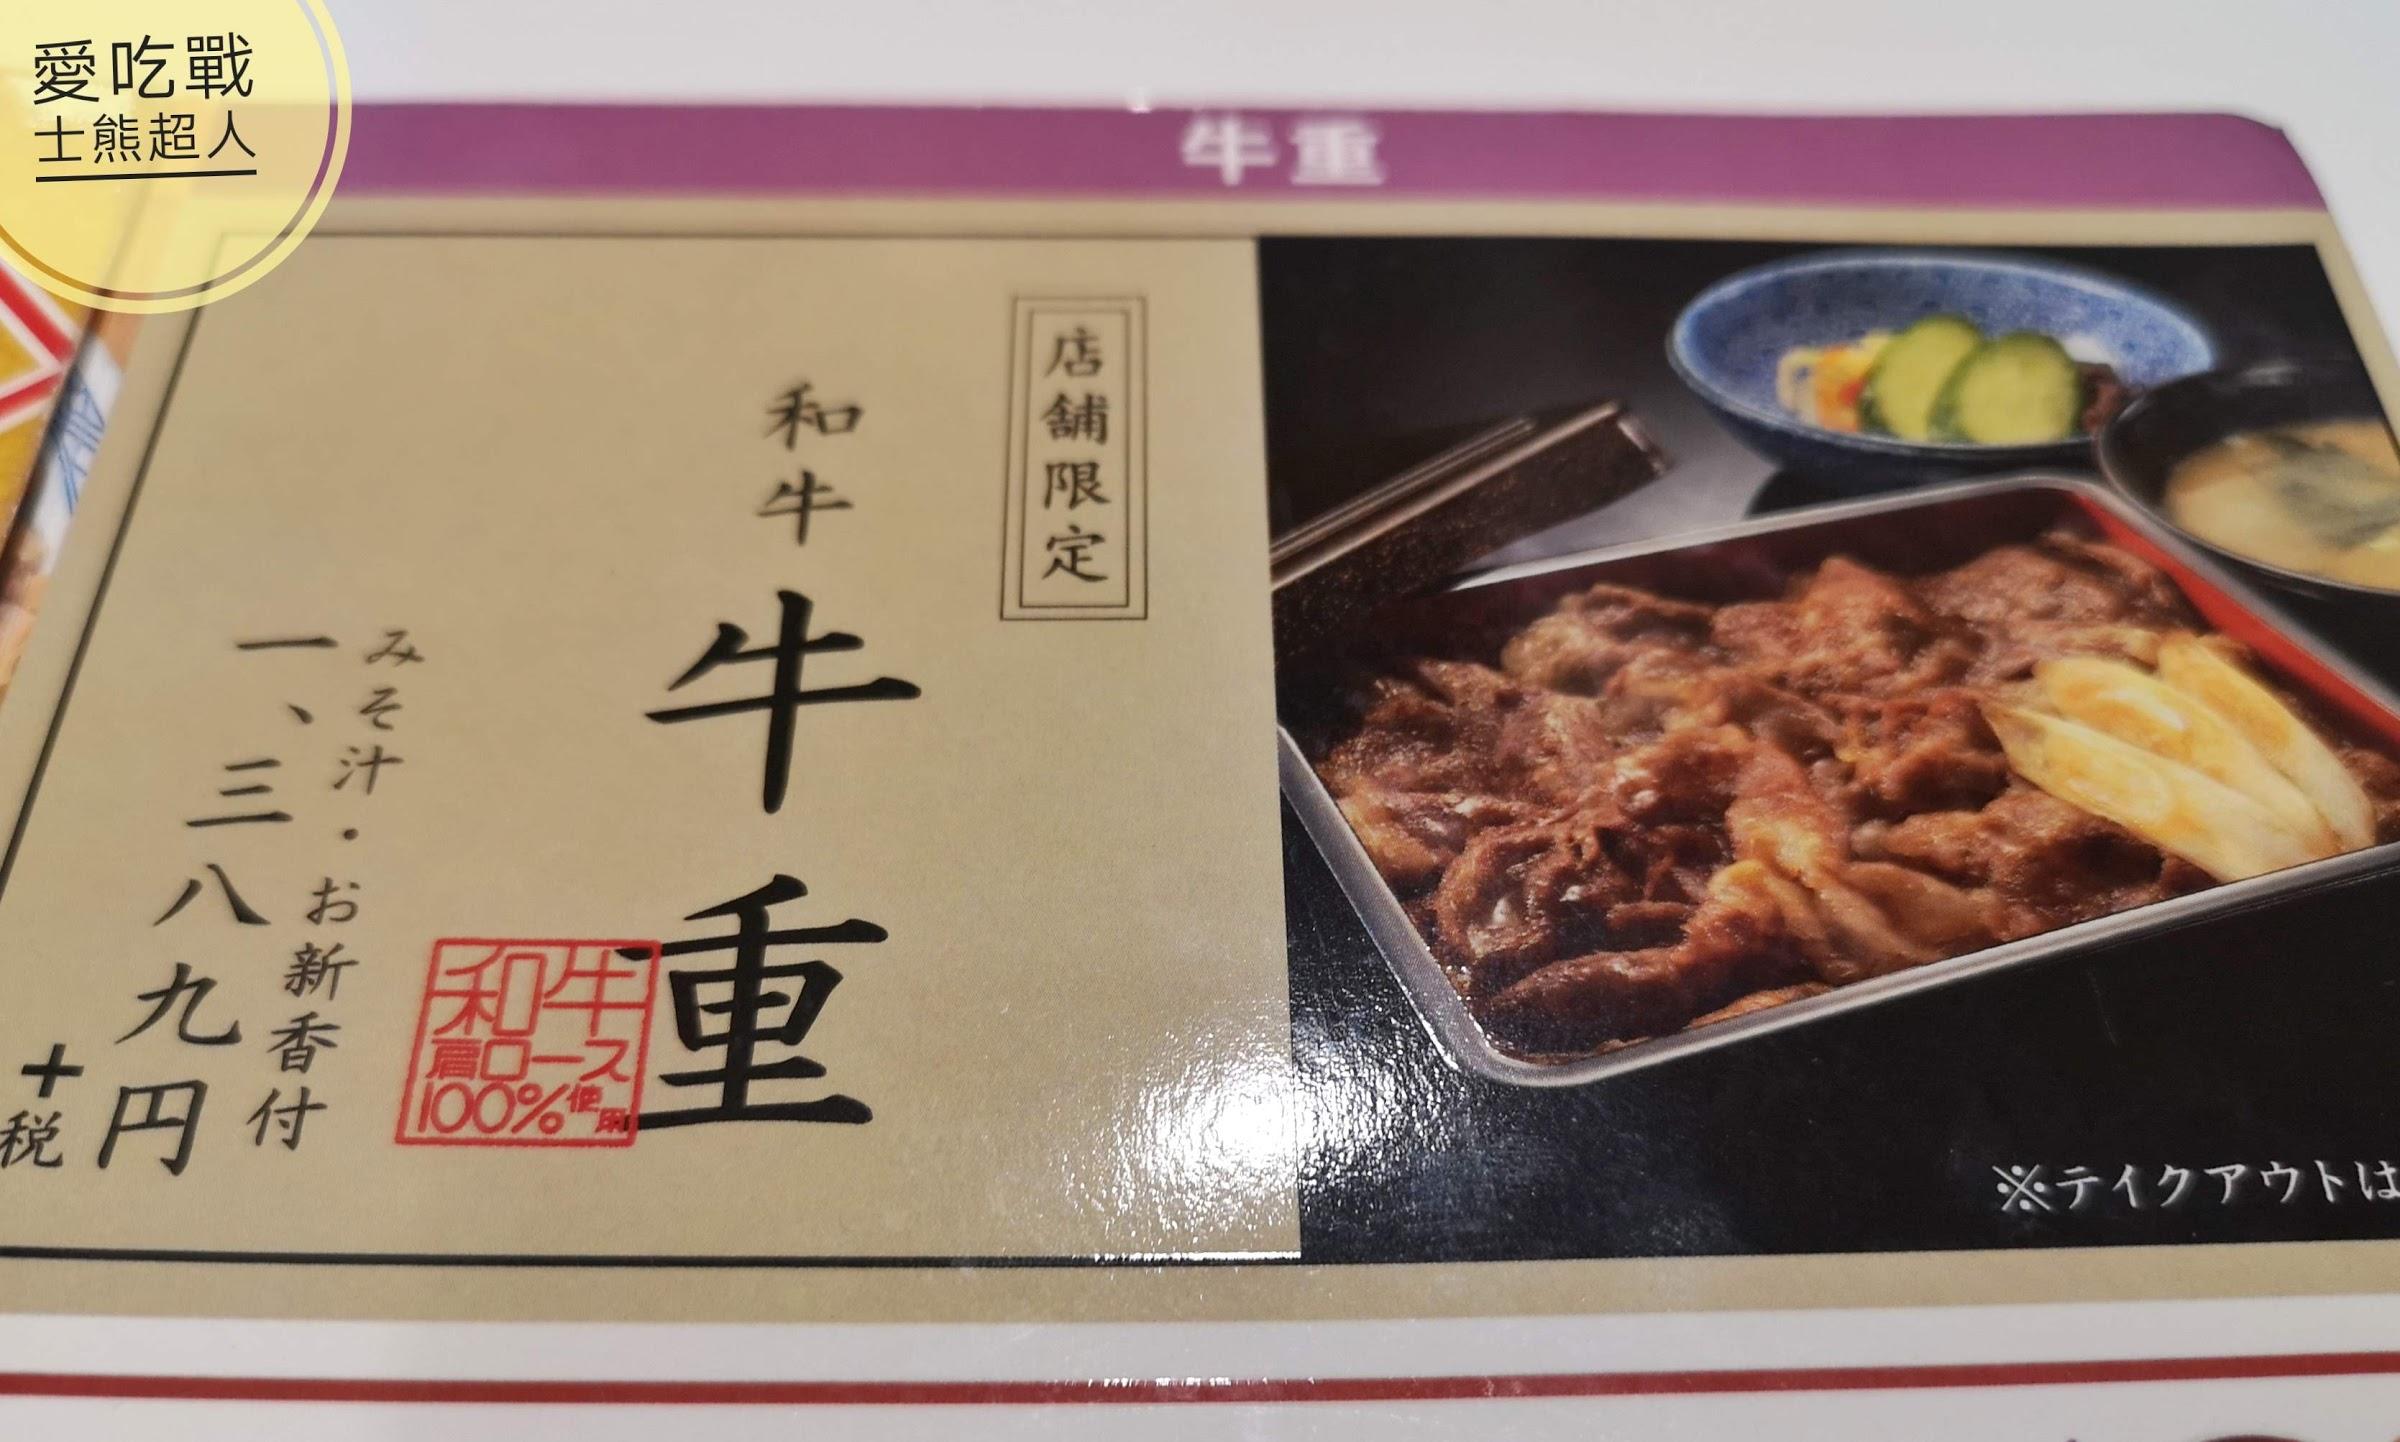 。東京 羽田機場 美食。三間最親民的24小時餐廳:Mos Cafe、吉野家、羽田食堂